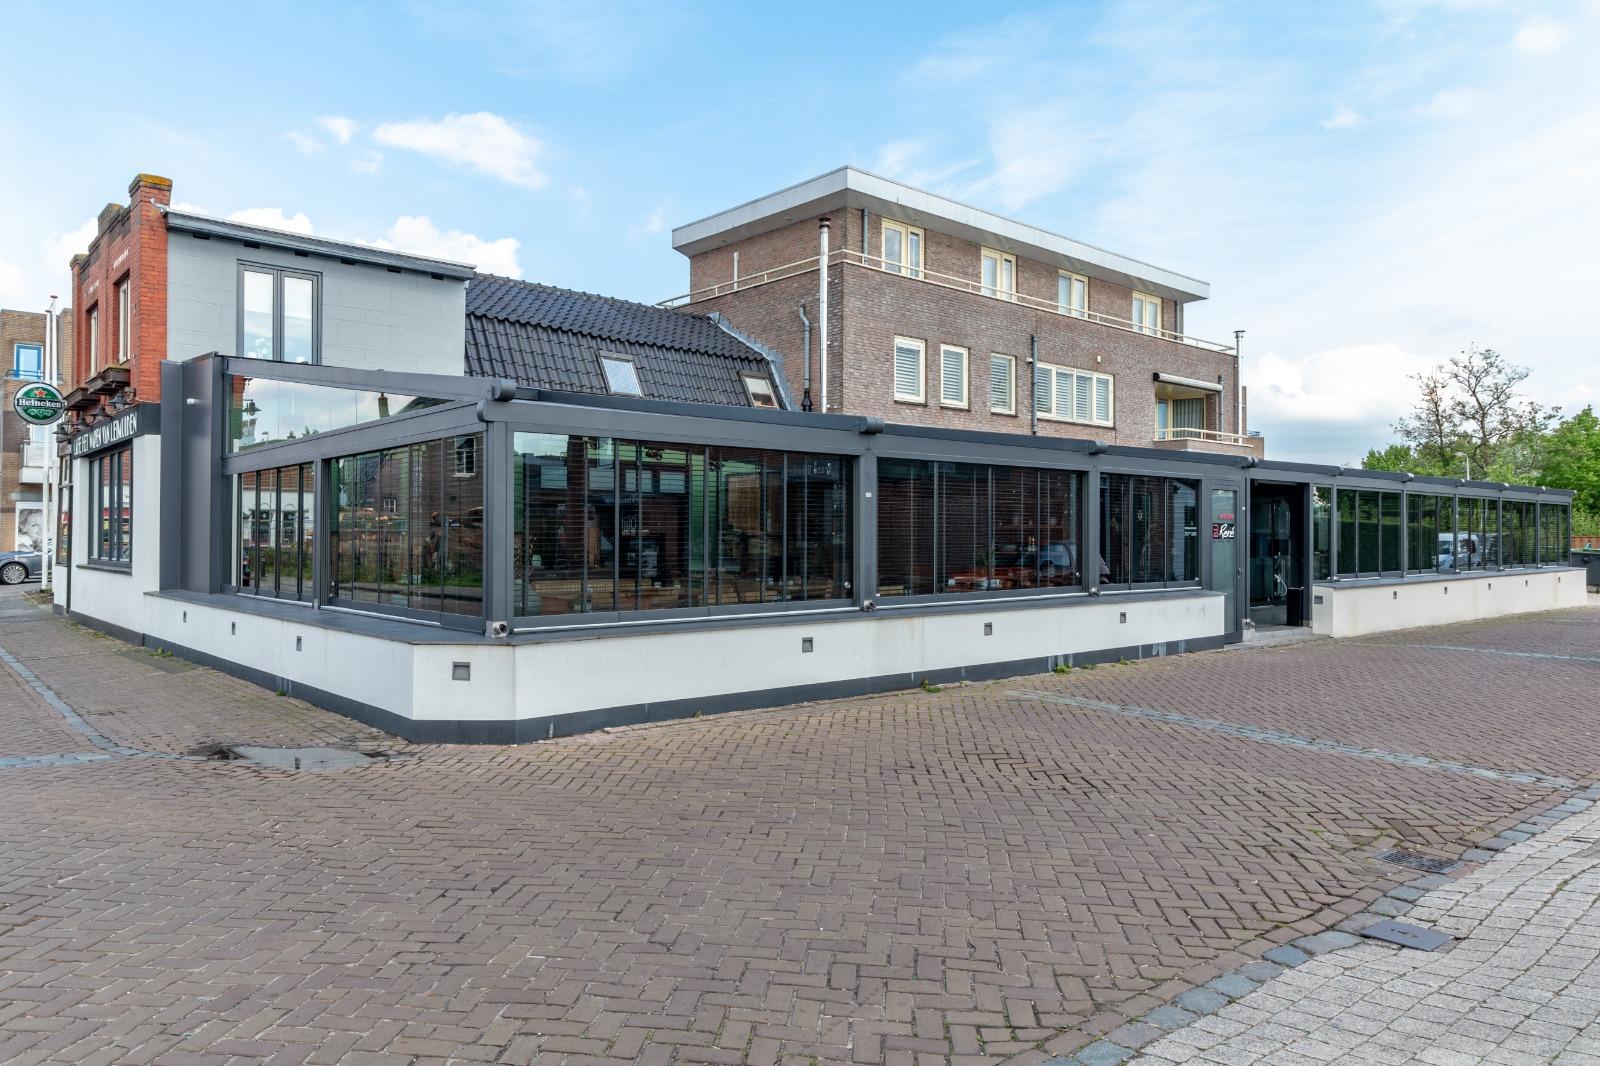 Restaurant BIJ René ging ten onrechte dicht door foute coronauitslag: 'Onbegrijpelijk dat je zulke fouten kunt maken'